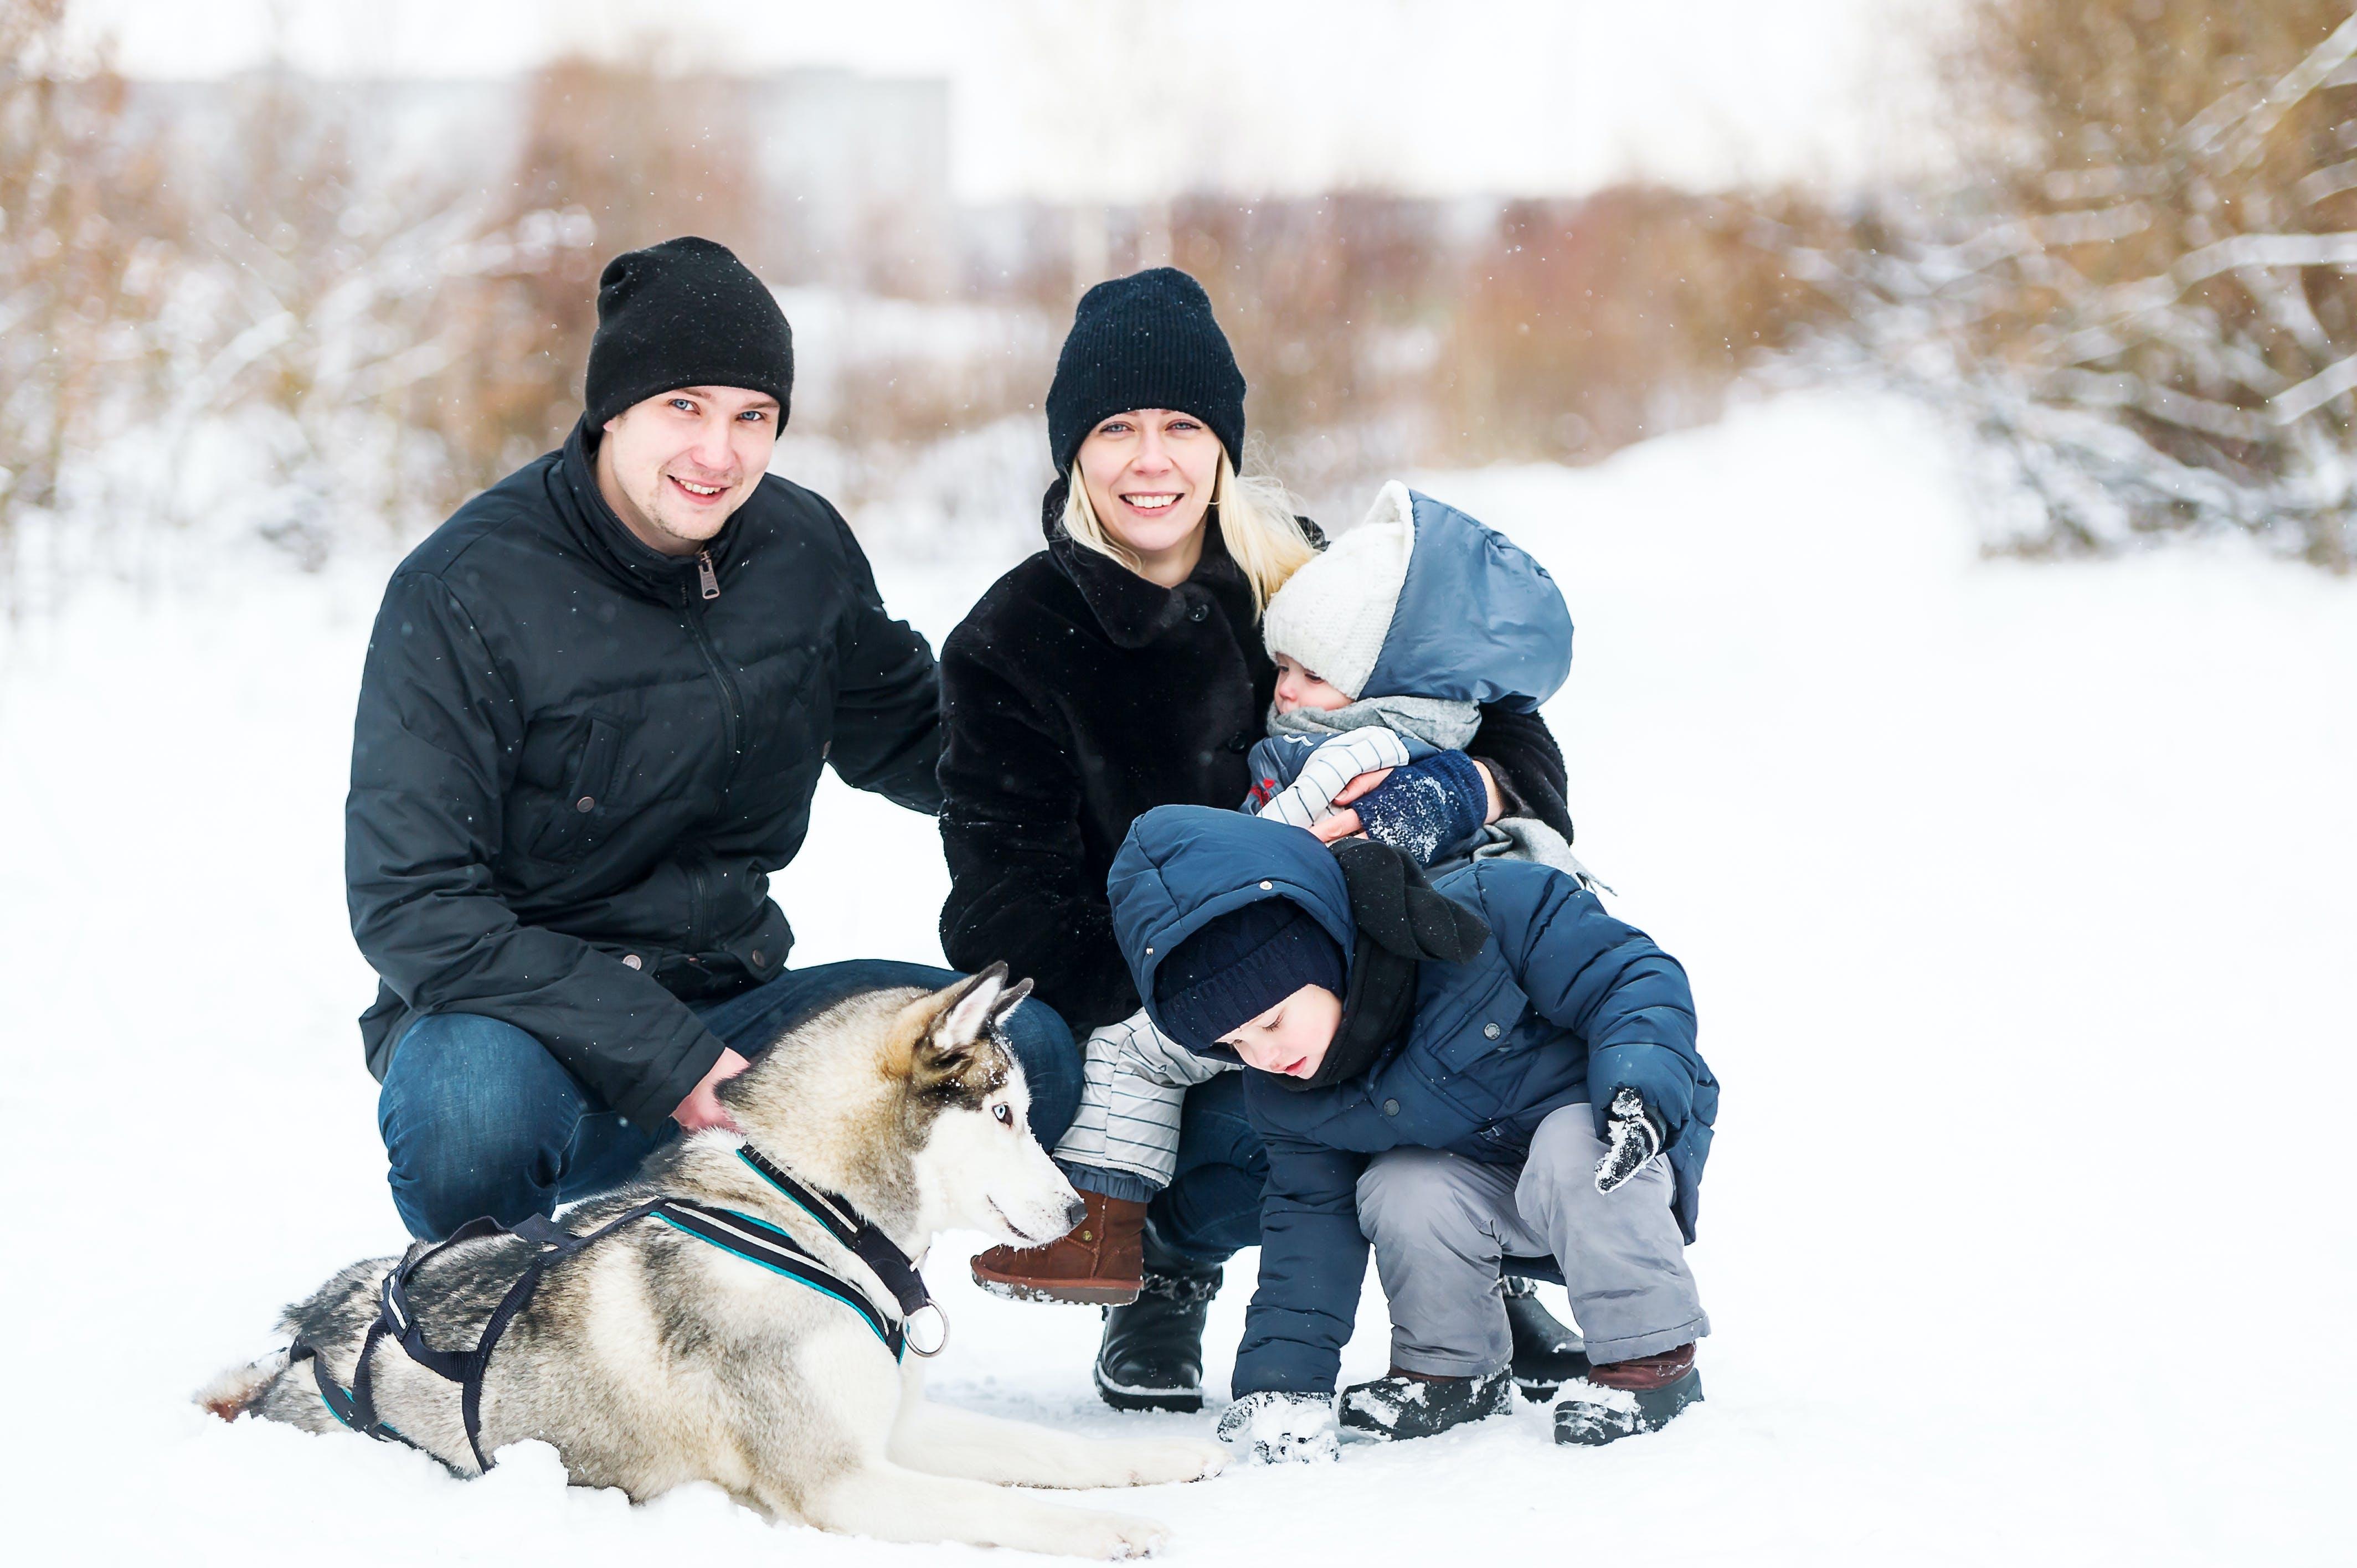 Sådan tager du familiebilleder om vinteren | Digitalfoto.dk